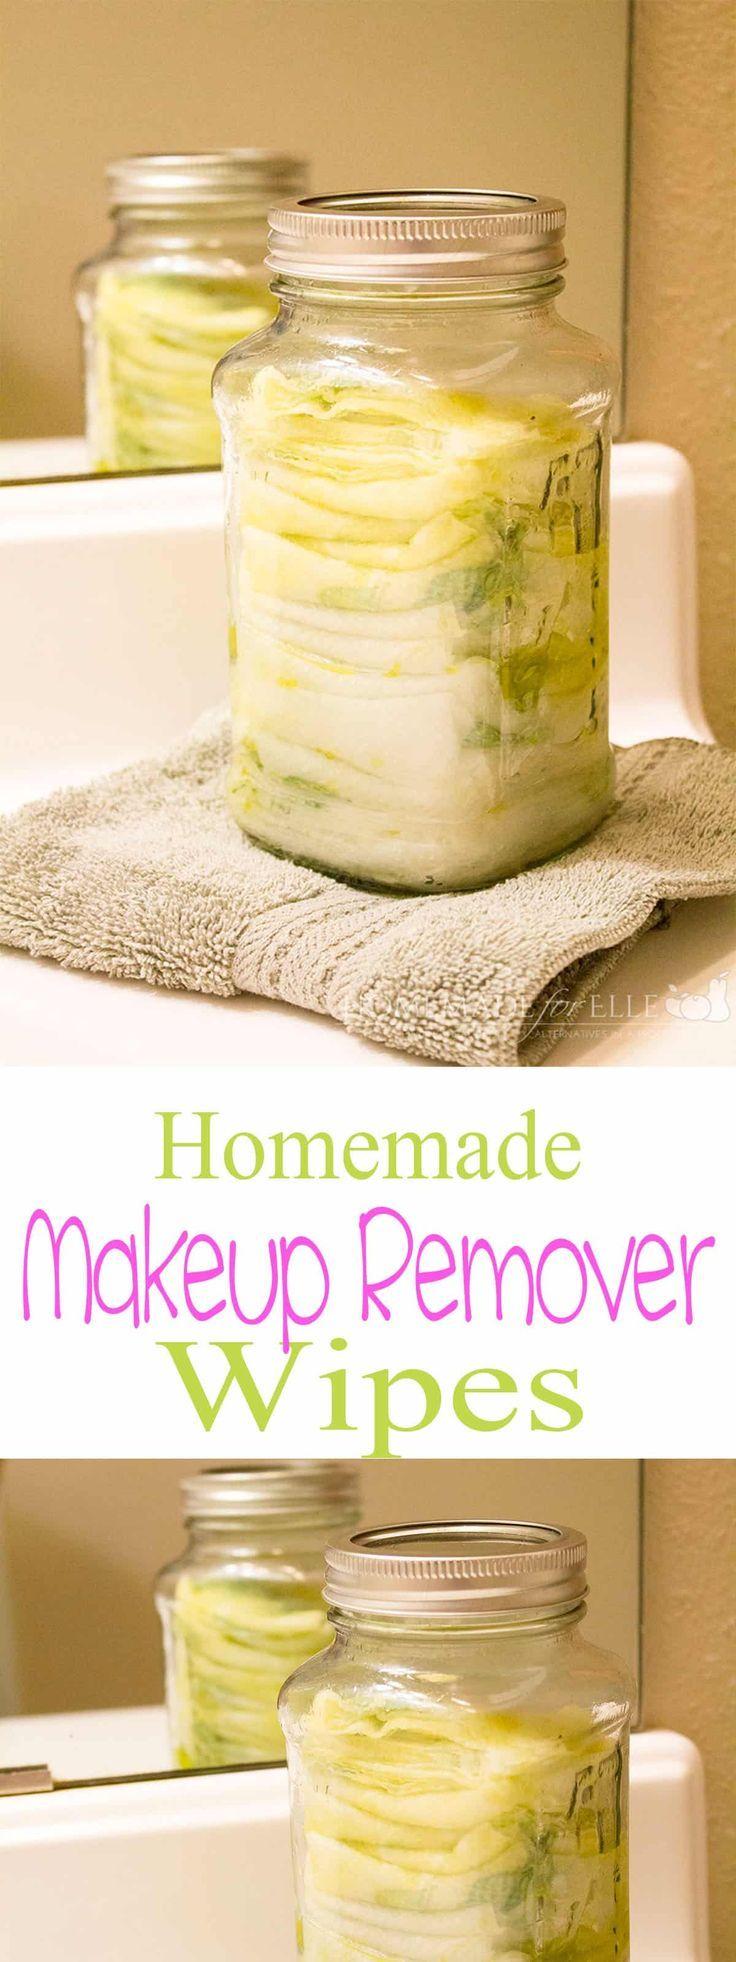 Homemade Makeup Remover Wipes Recipe Homemade makeup